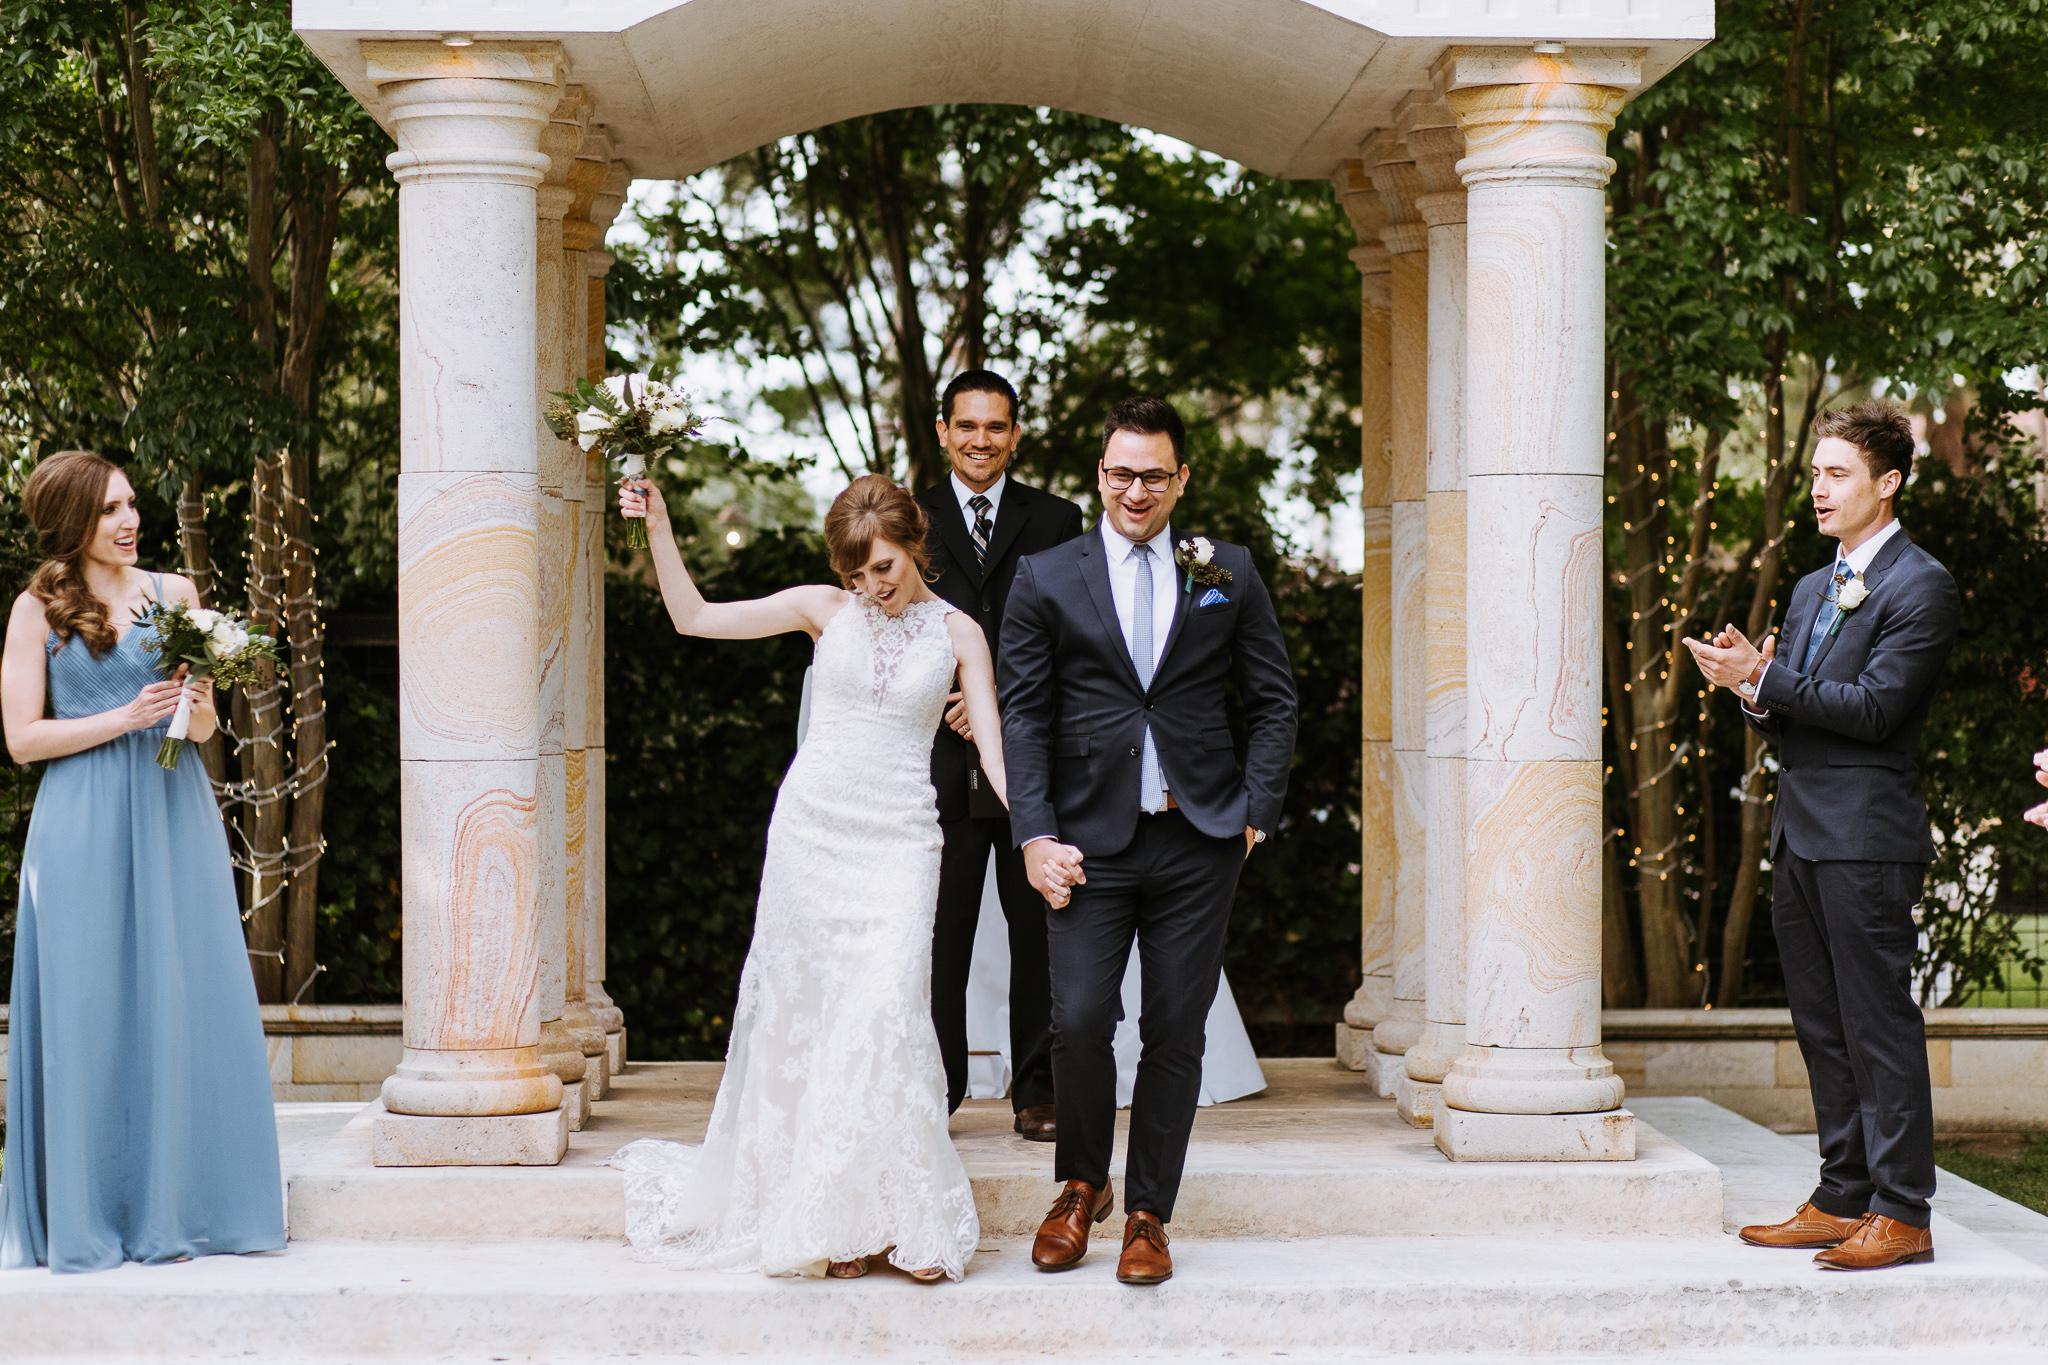 BayArea-Wedding-Photographer-47.jpg